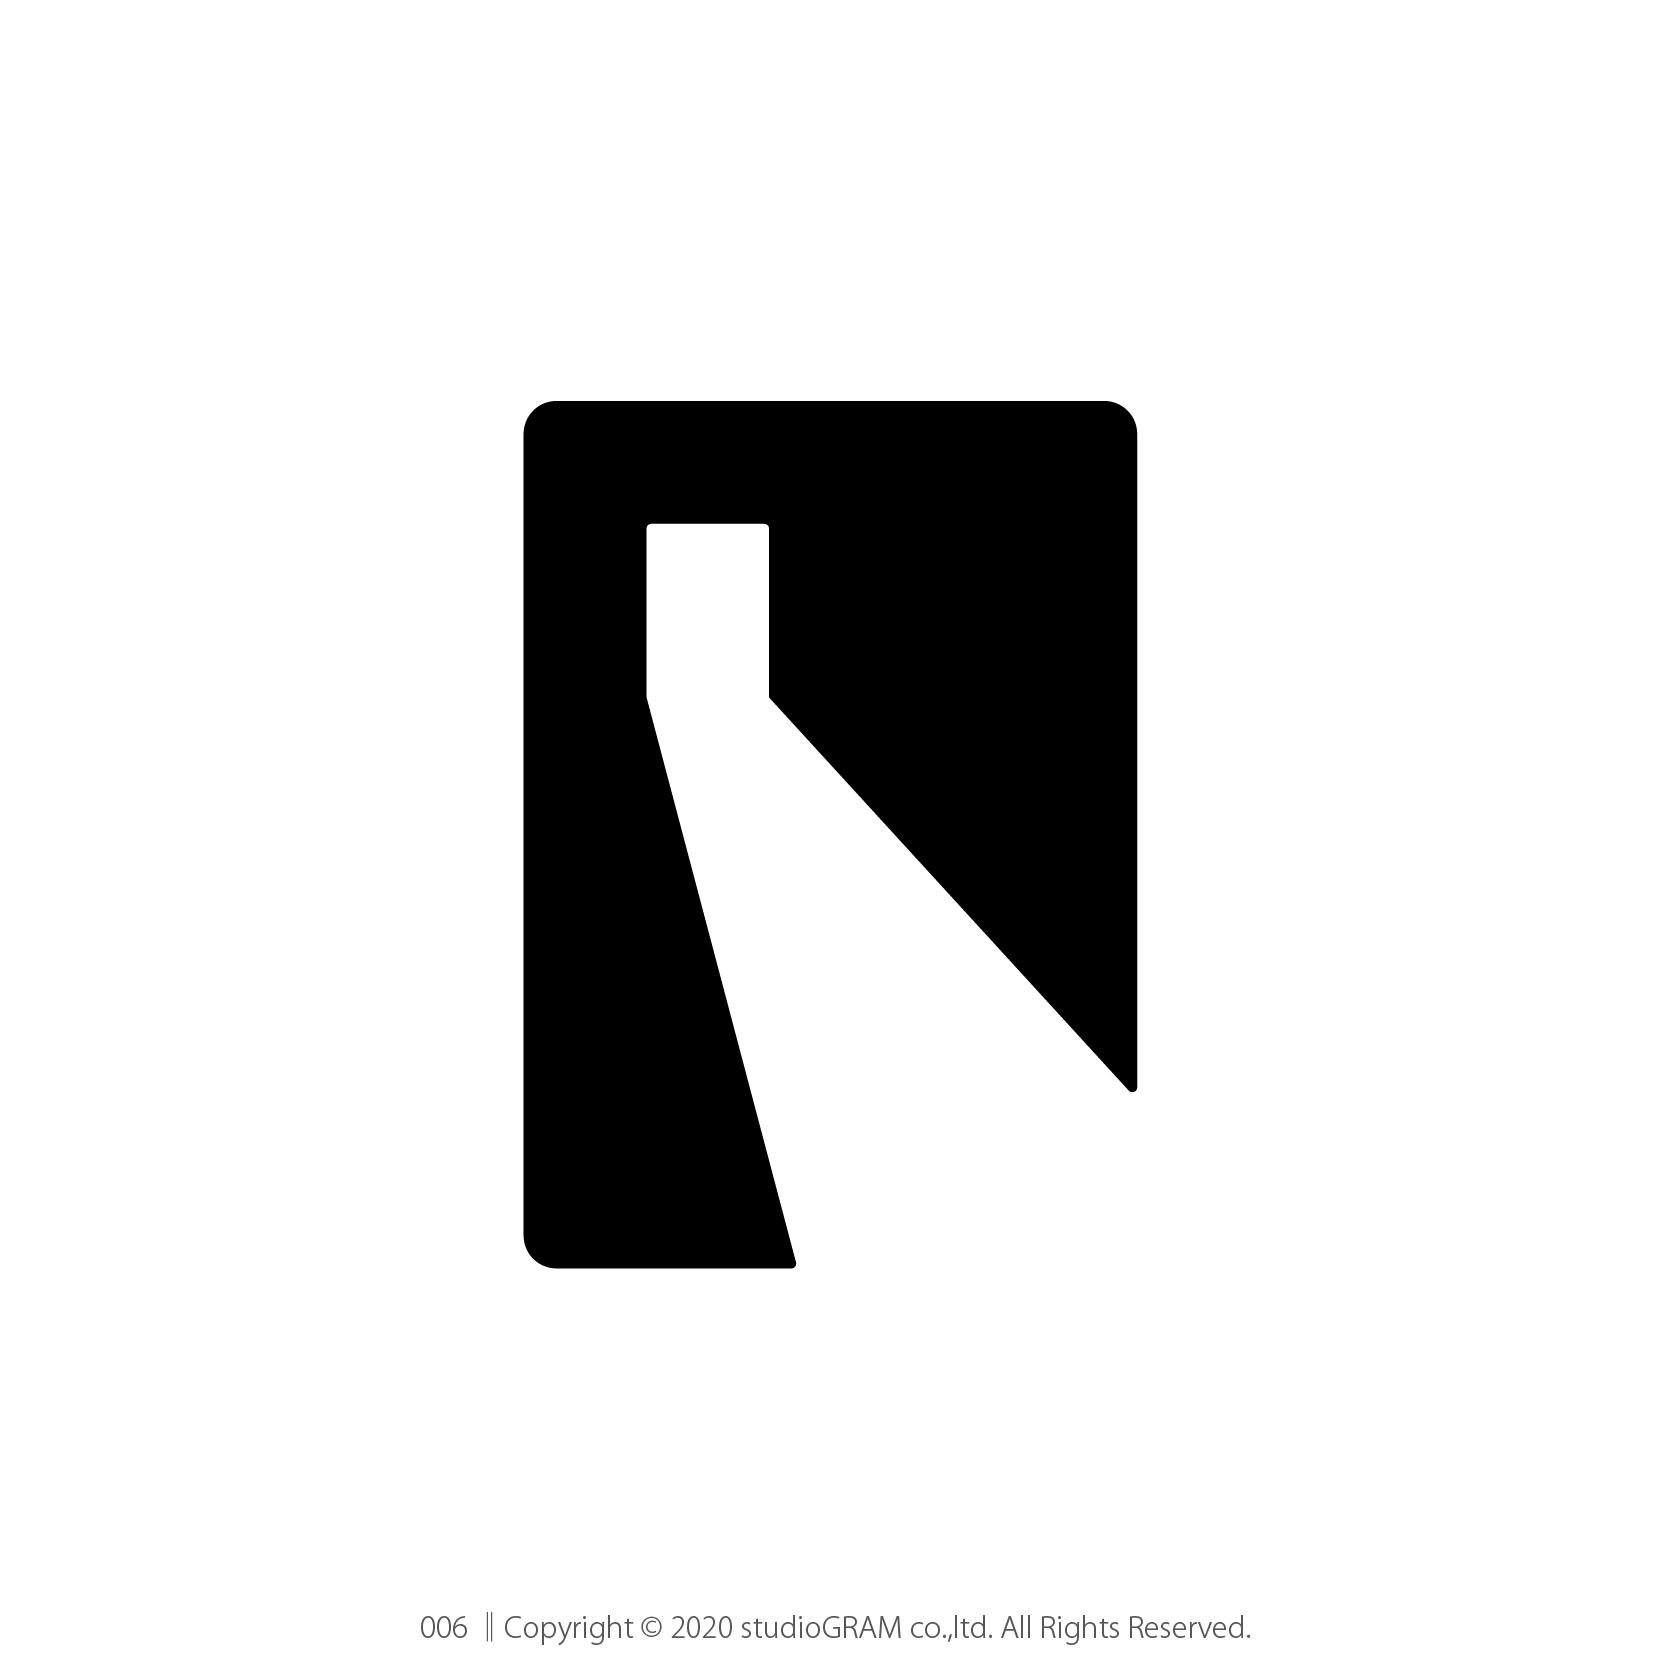 Order Made Brand Logo Mark ‖ オーダーメイドブランドロゴマーク